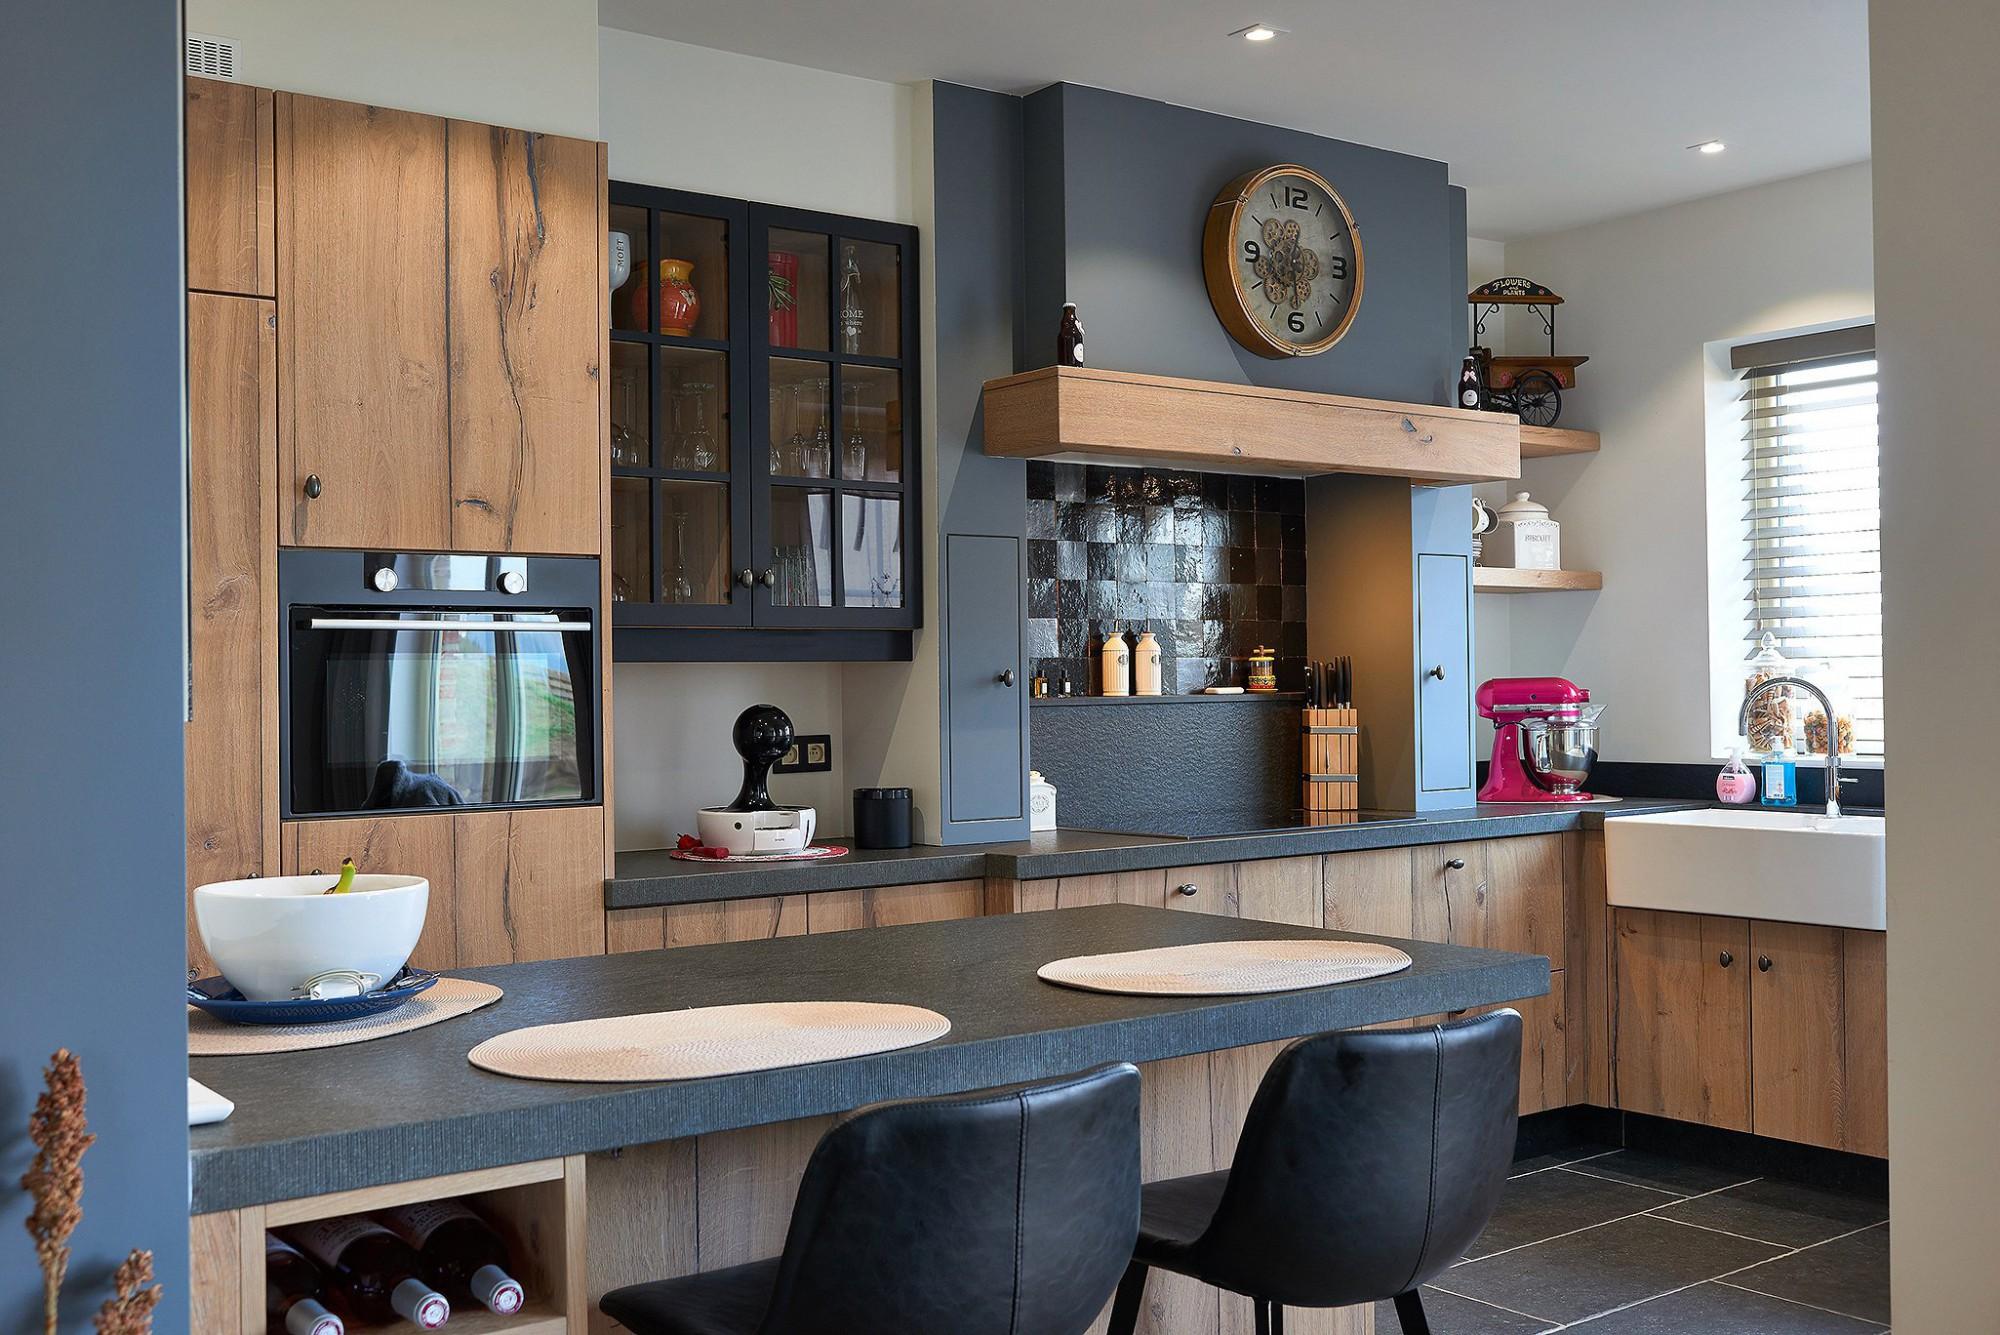 Afbeelding: Fotografie keuken voor HR bouw, fotografie keukens Foto Van Huffel.